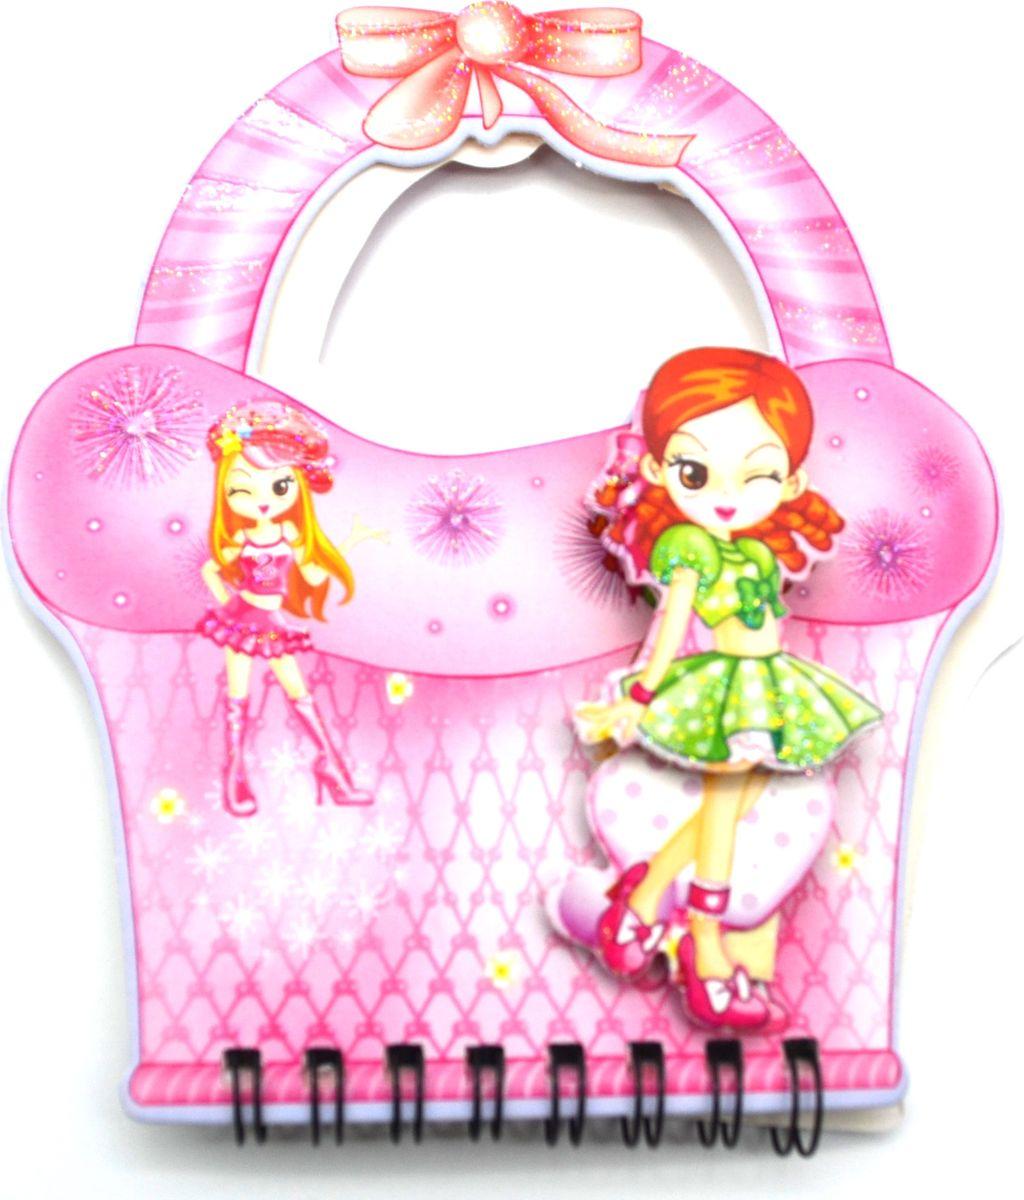 Карамба Блокнот Девочка на розовой корзинке 2 60 листов в линейку3537Блокнот Карамба Девочка на розовой корзинке 2 содержит 60 листов в линейку.Блокнот станет достойным аксессуаром среди ваших канцелярских принадлежностей.